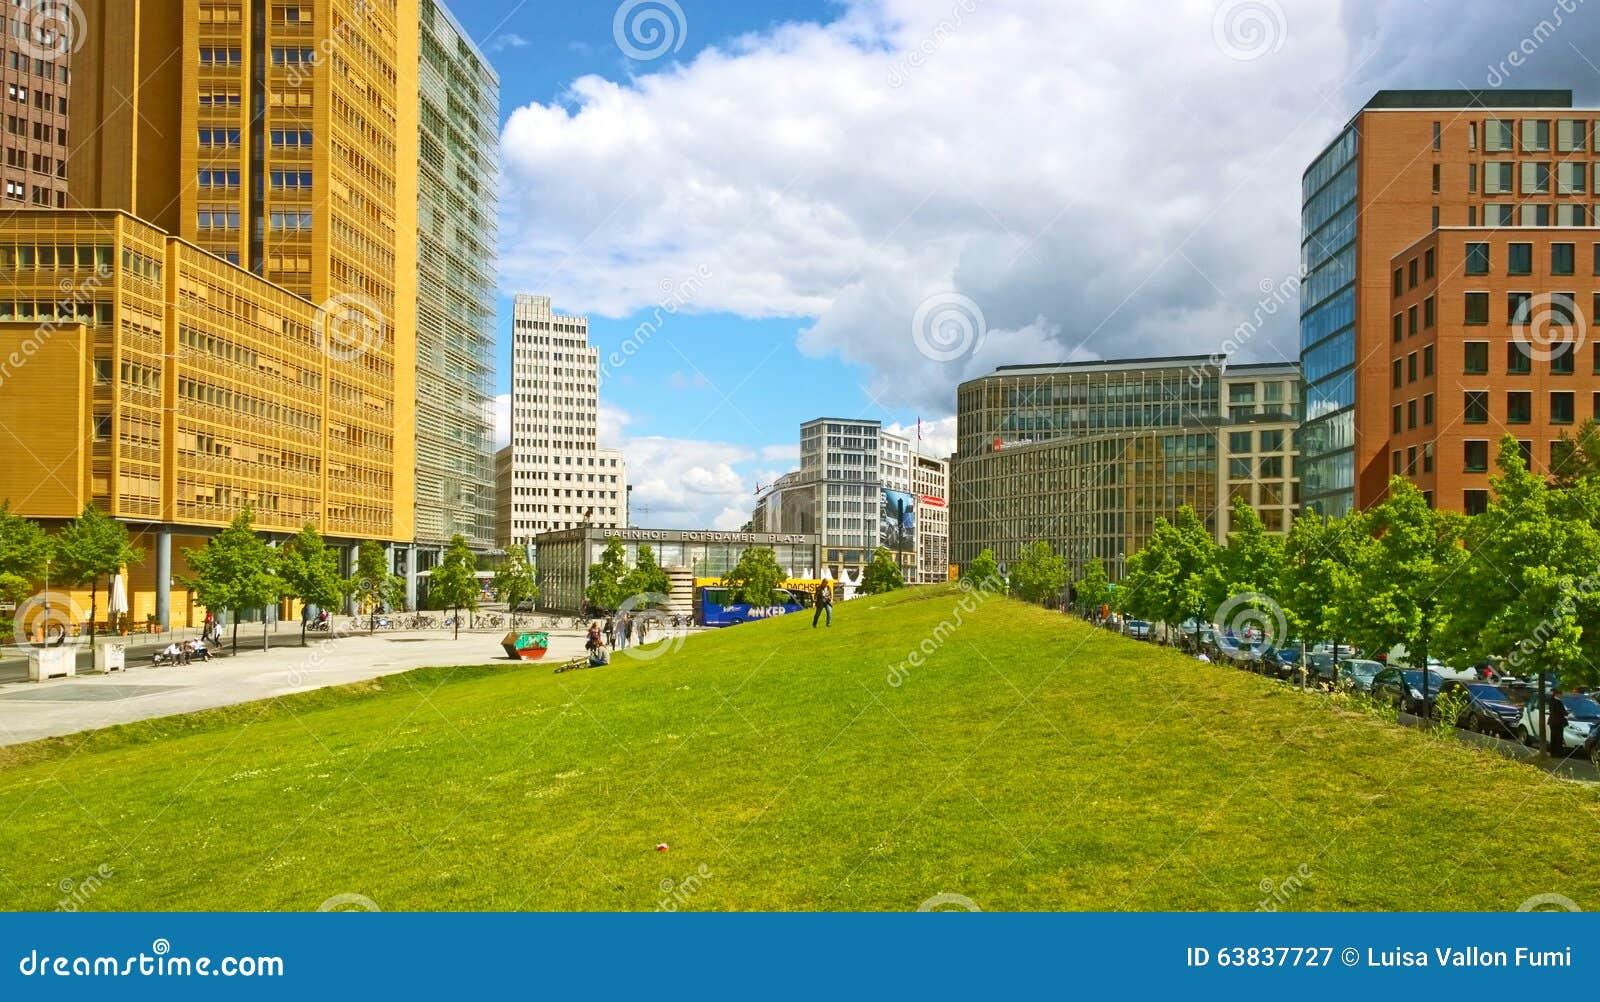 Futuristische Architektur Berlin Germanys Am Tilla Durieux Park